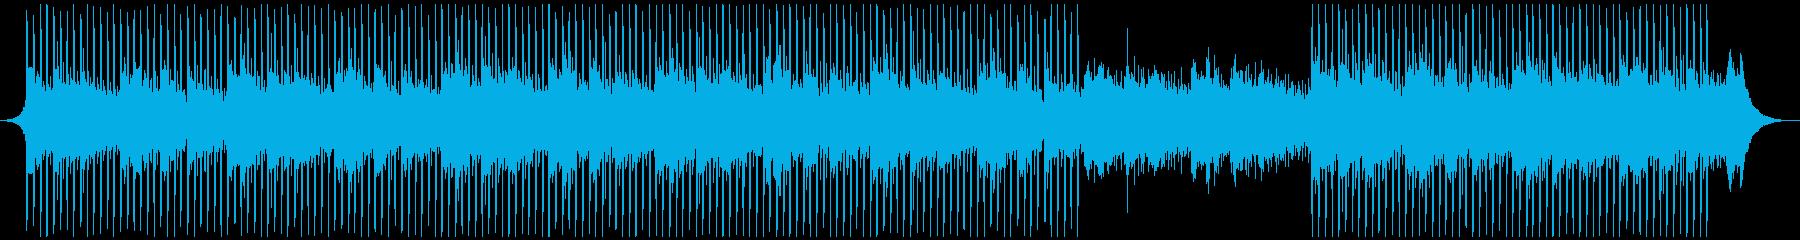 成功したスタートアップの再生済みの波形